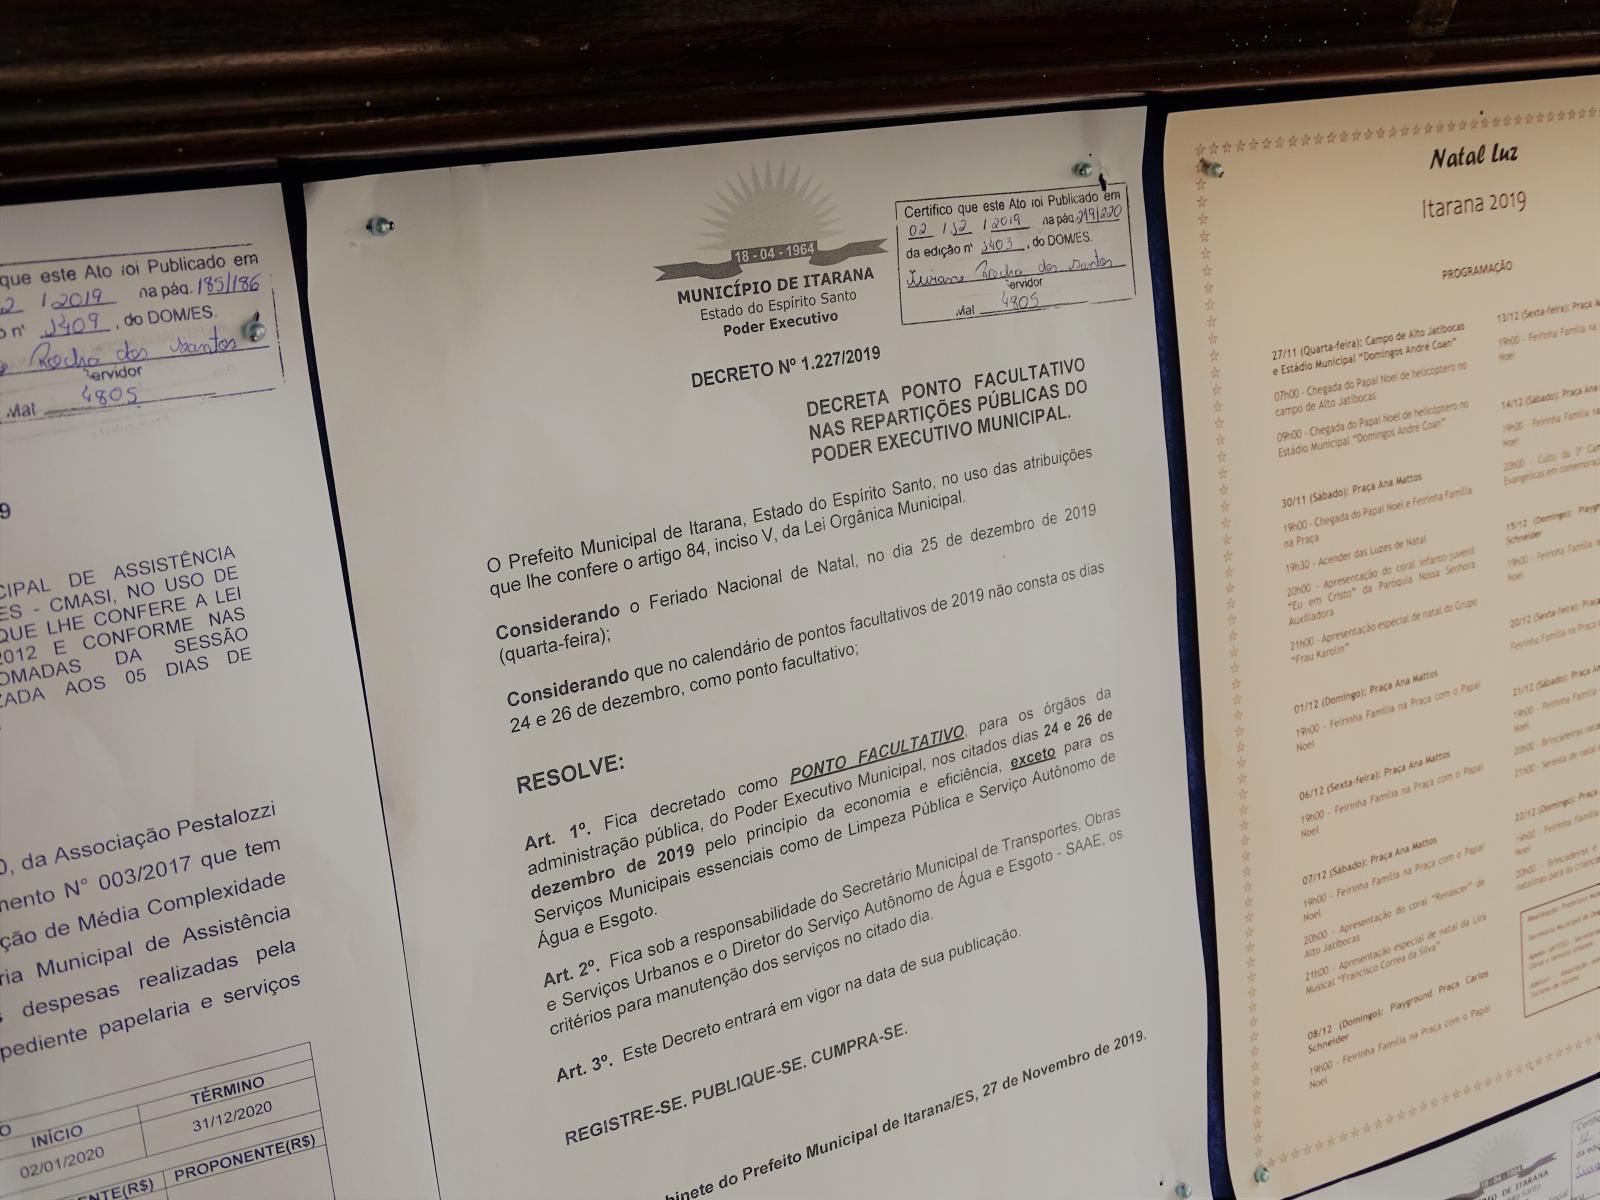 Prefeitura decreta ponto facultativo para os dias 24 e 26 de dezembro